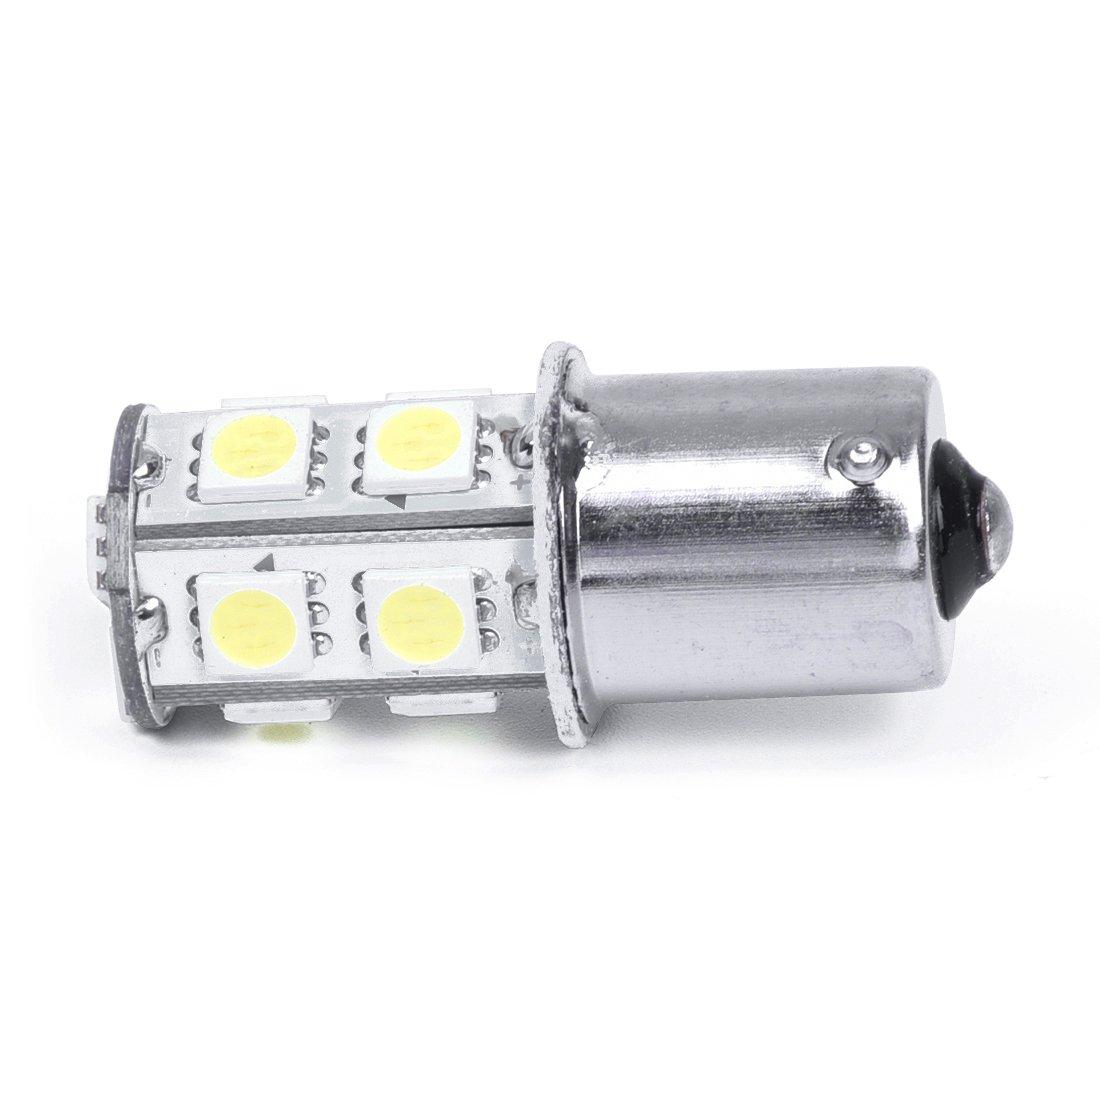 2X 1156 13 5050 SMD LED Bombilla Lampara Luz Coche Blanco